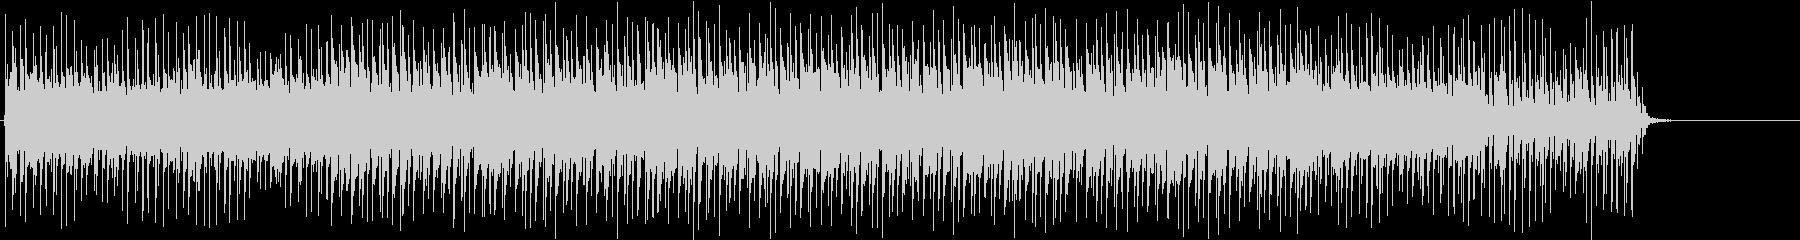 【CM・ニュース】テクノBGM3の未再生の波形